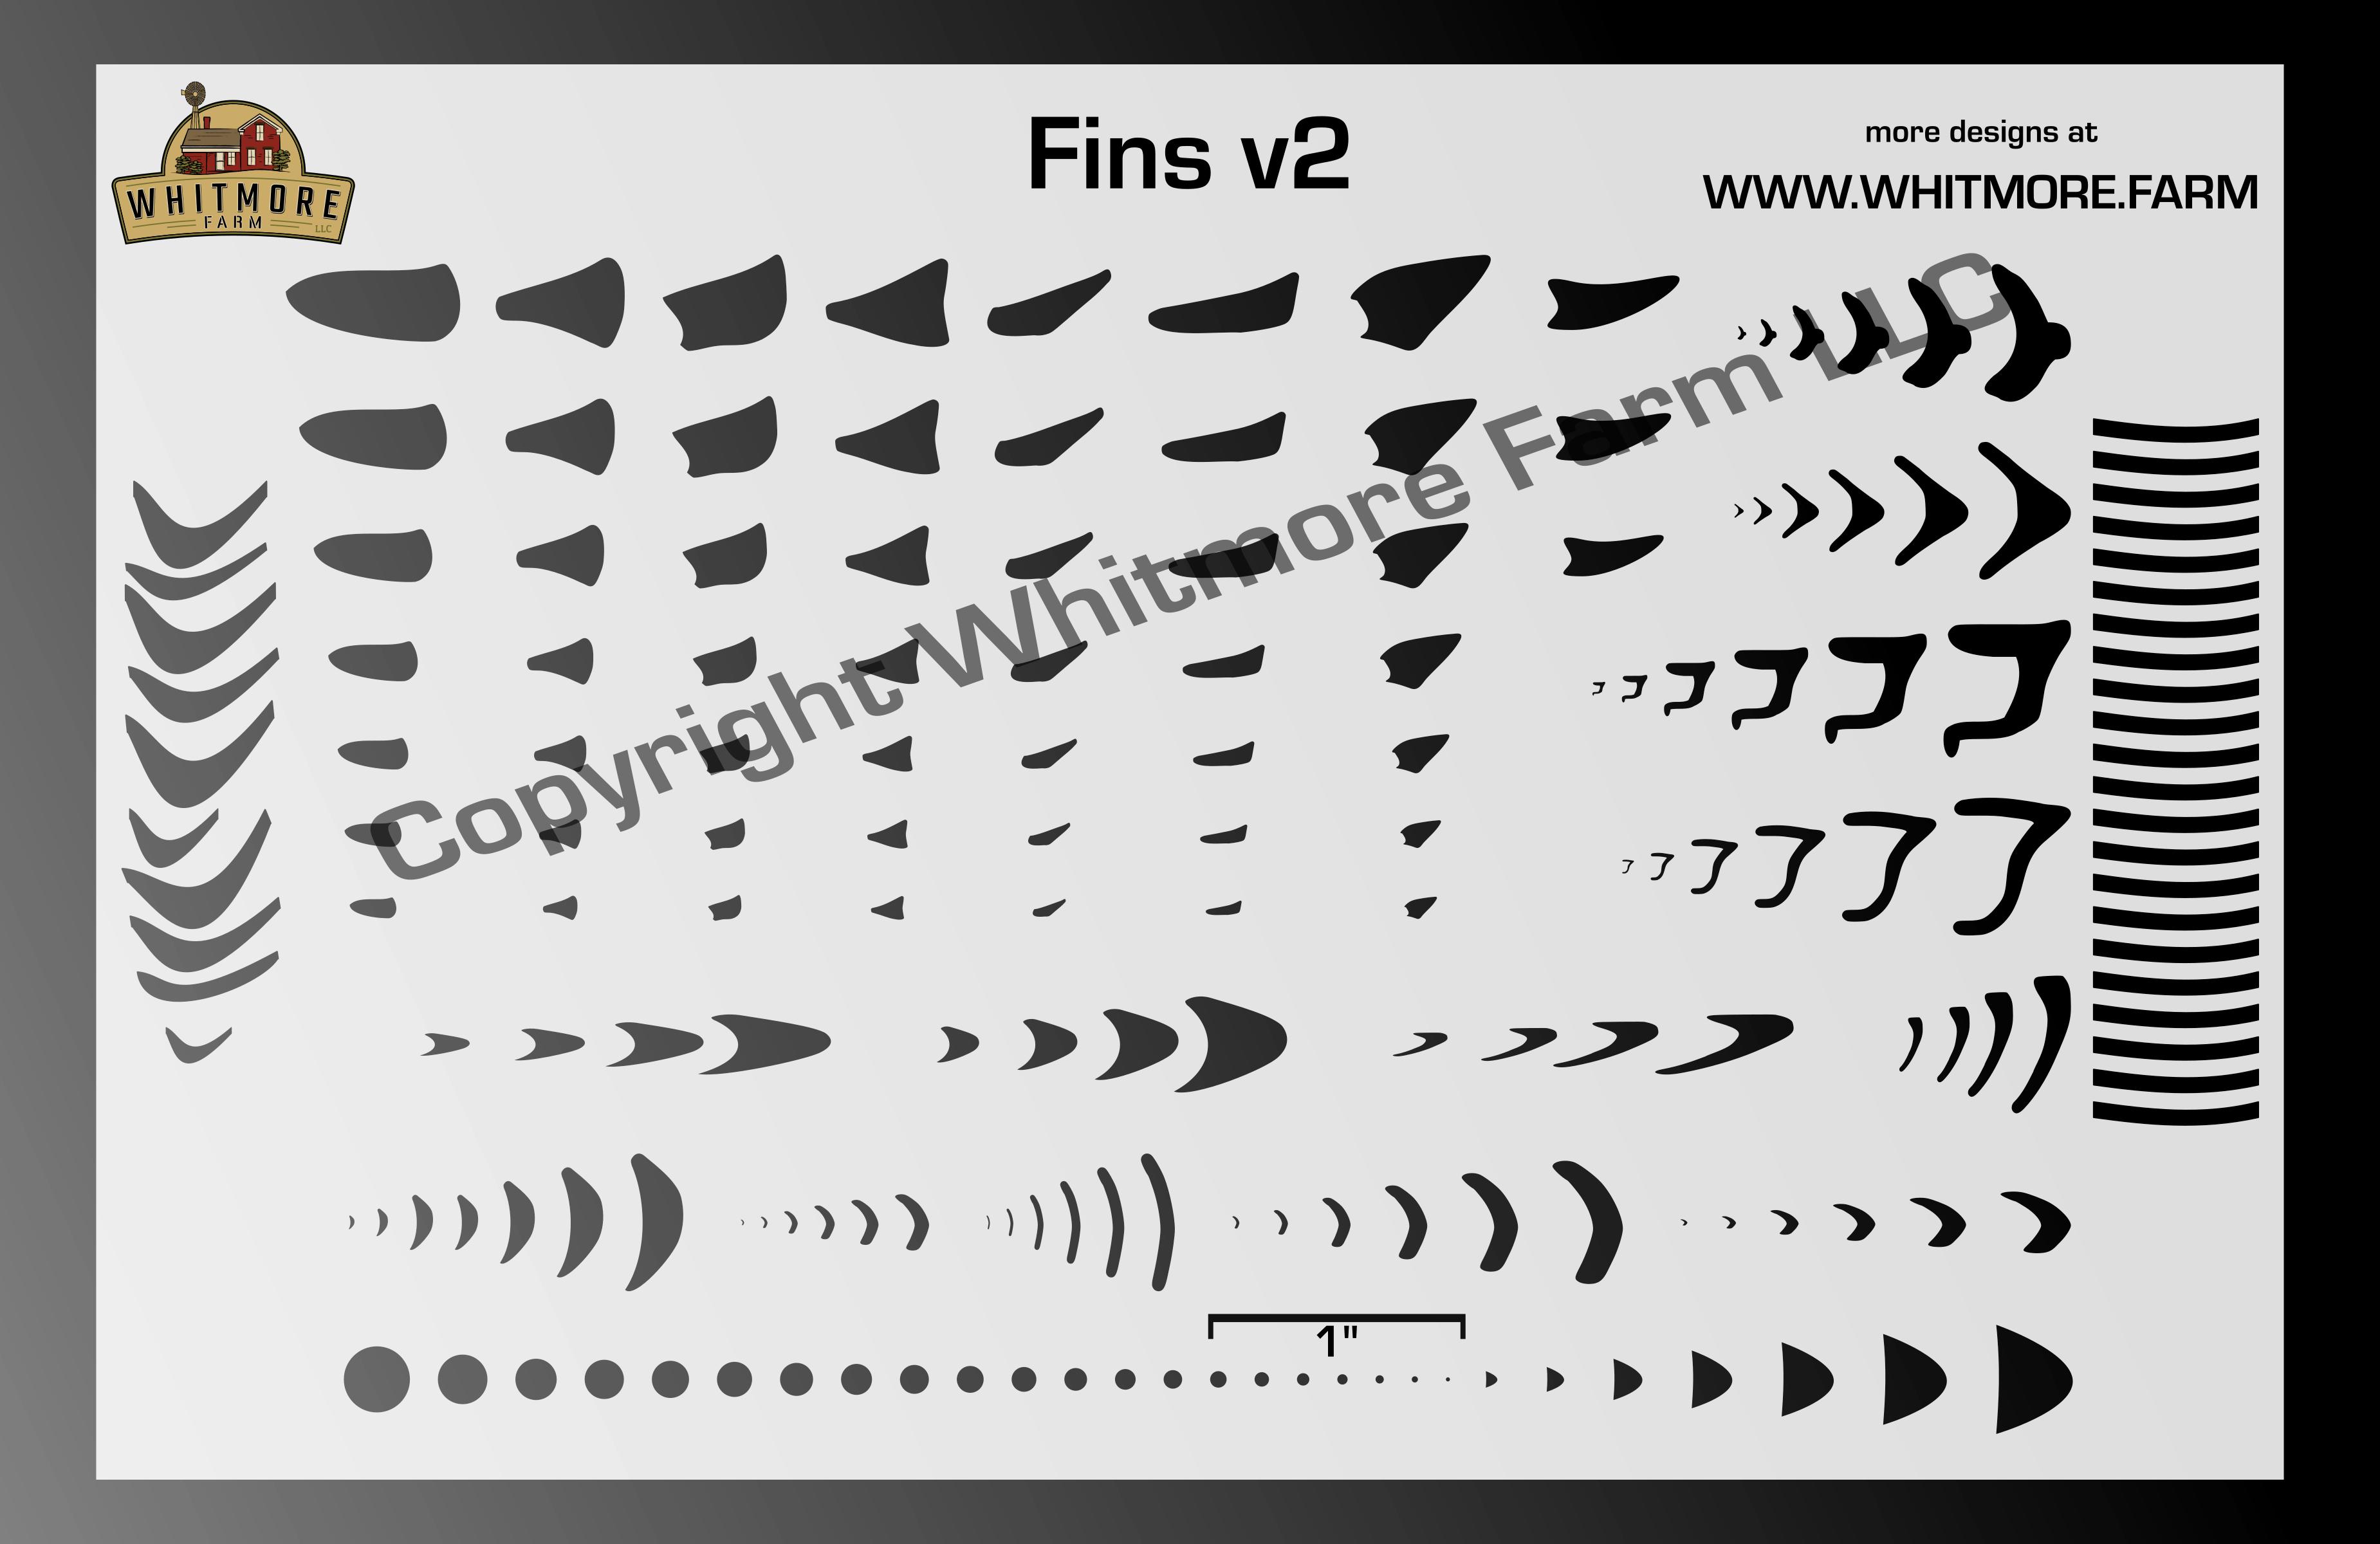 Fins v2 Assortment airbrush stencil